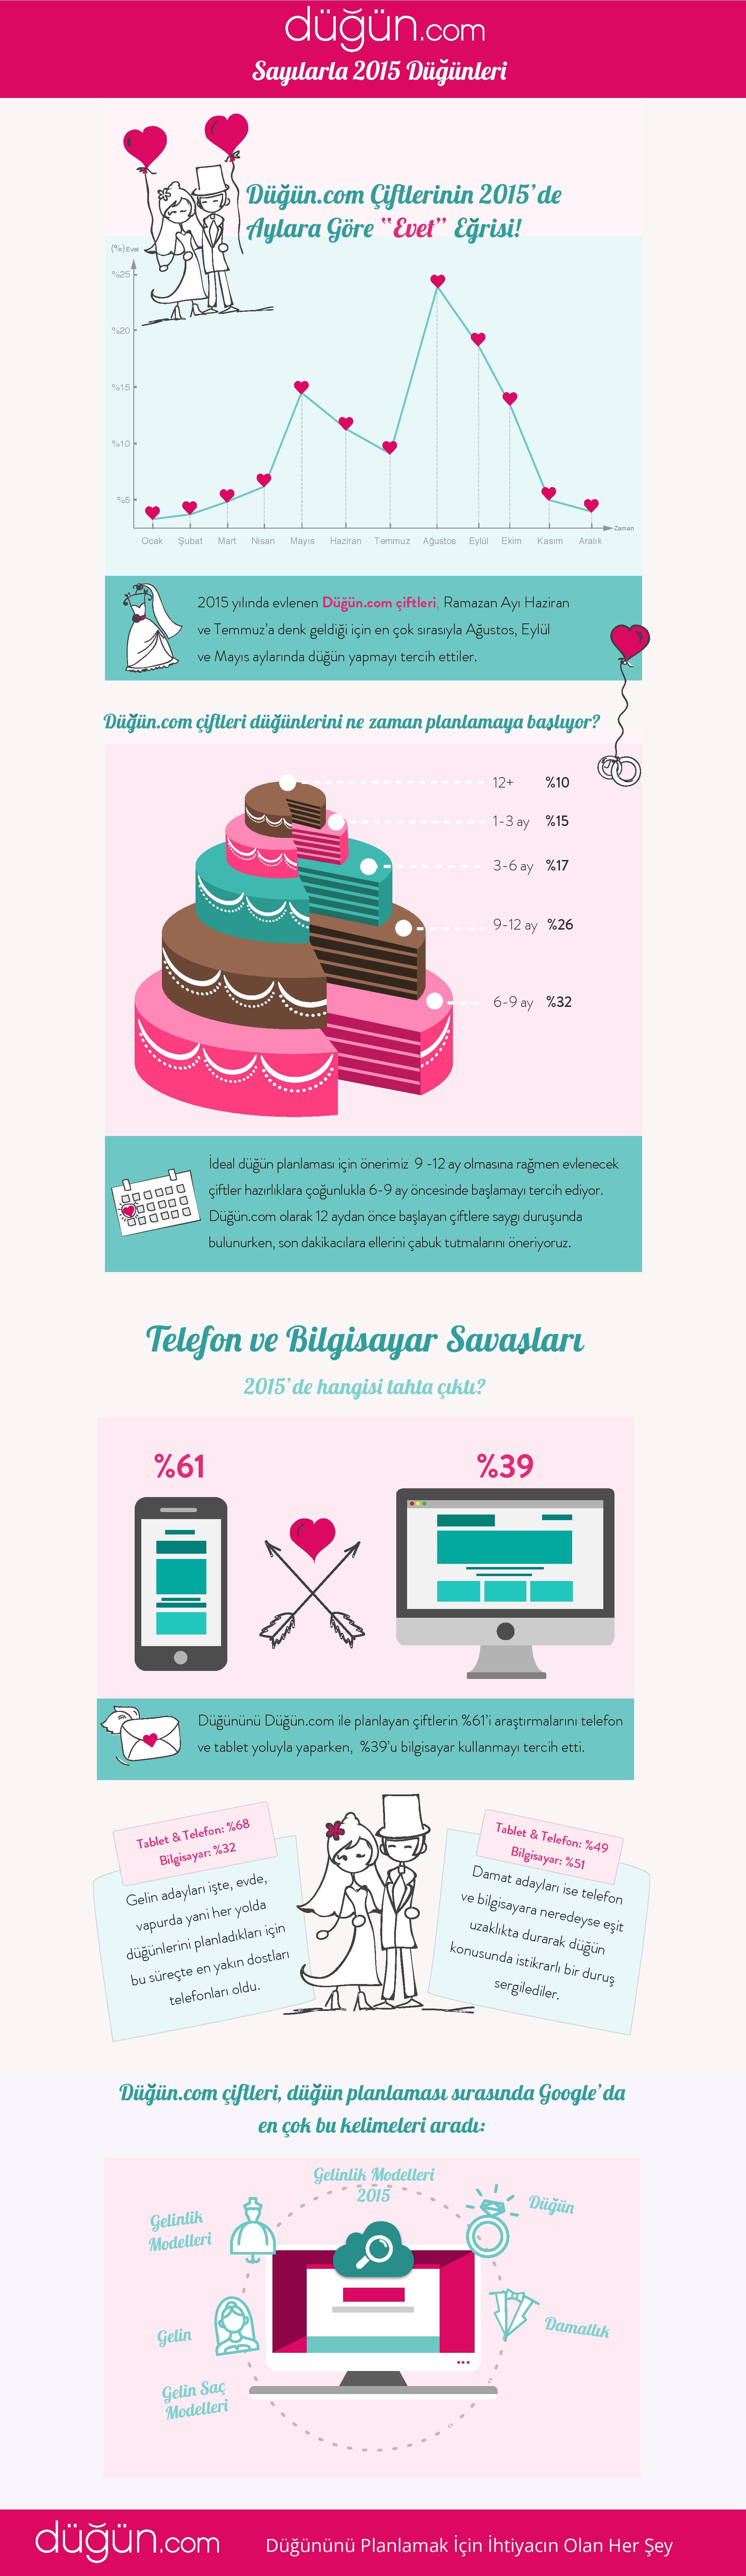 Duguncom_2015_infografik-page-001